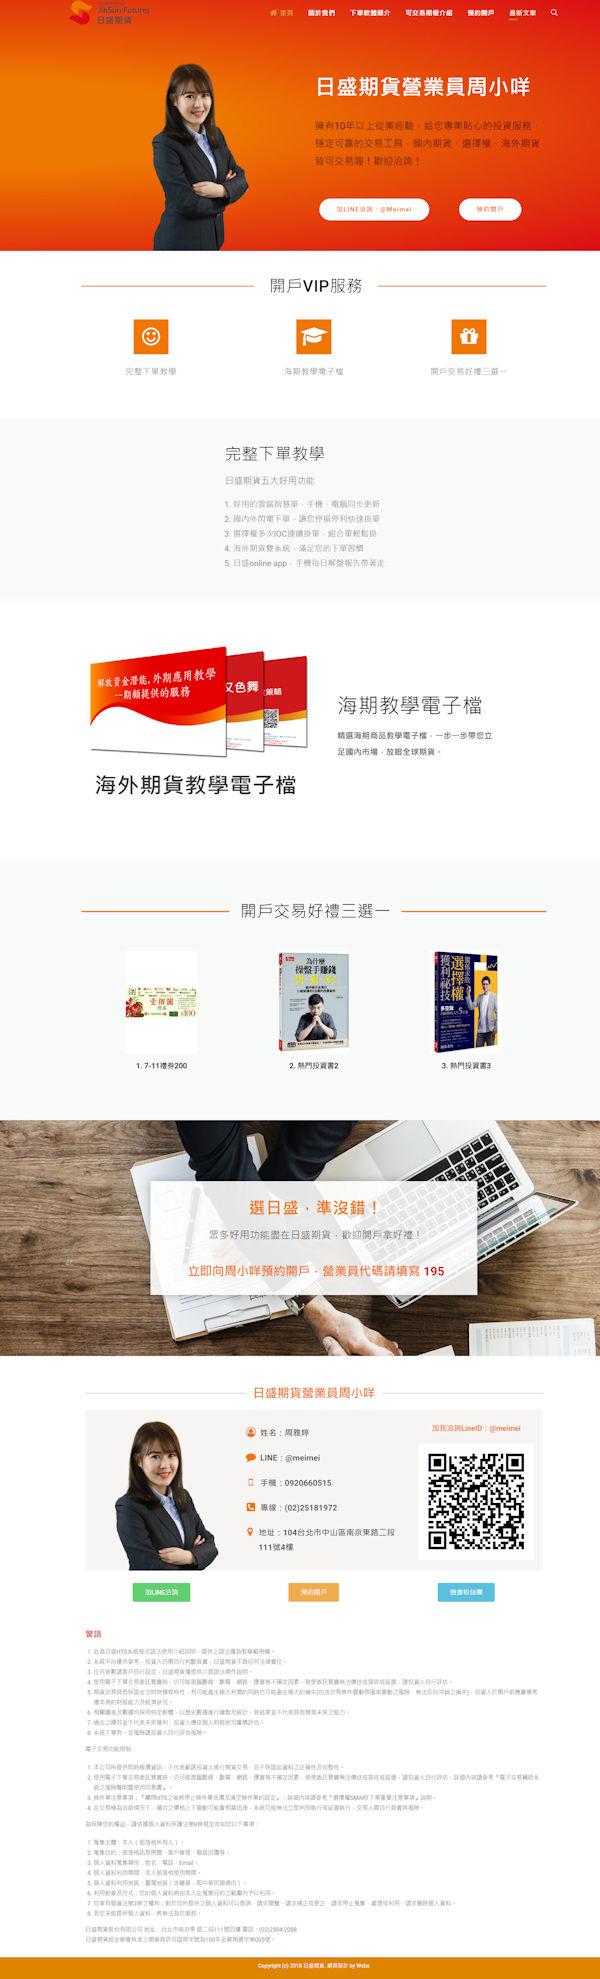 網頁設計-期貨投資1